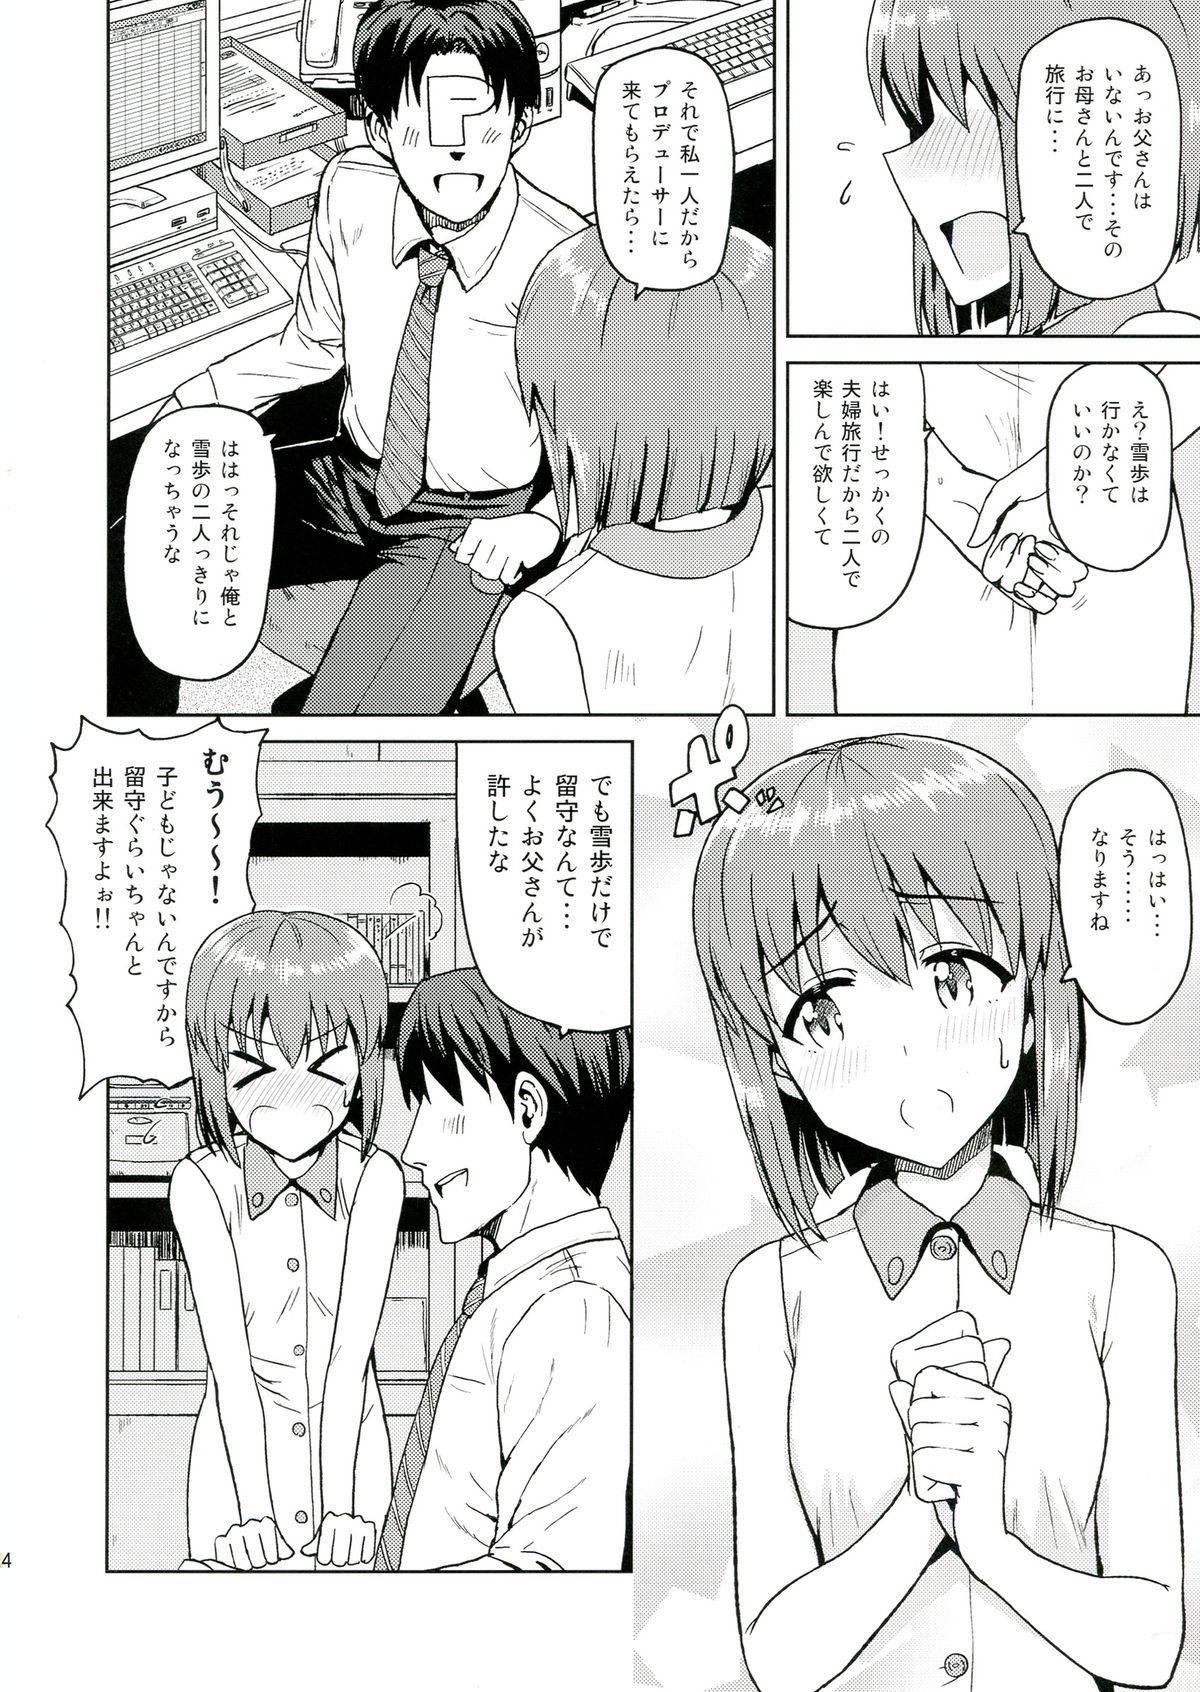 Yuki Tokeaisu 3